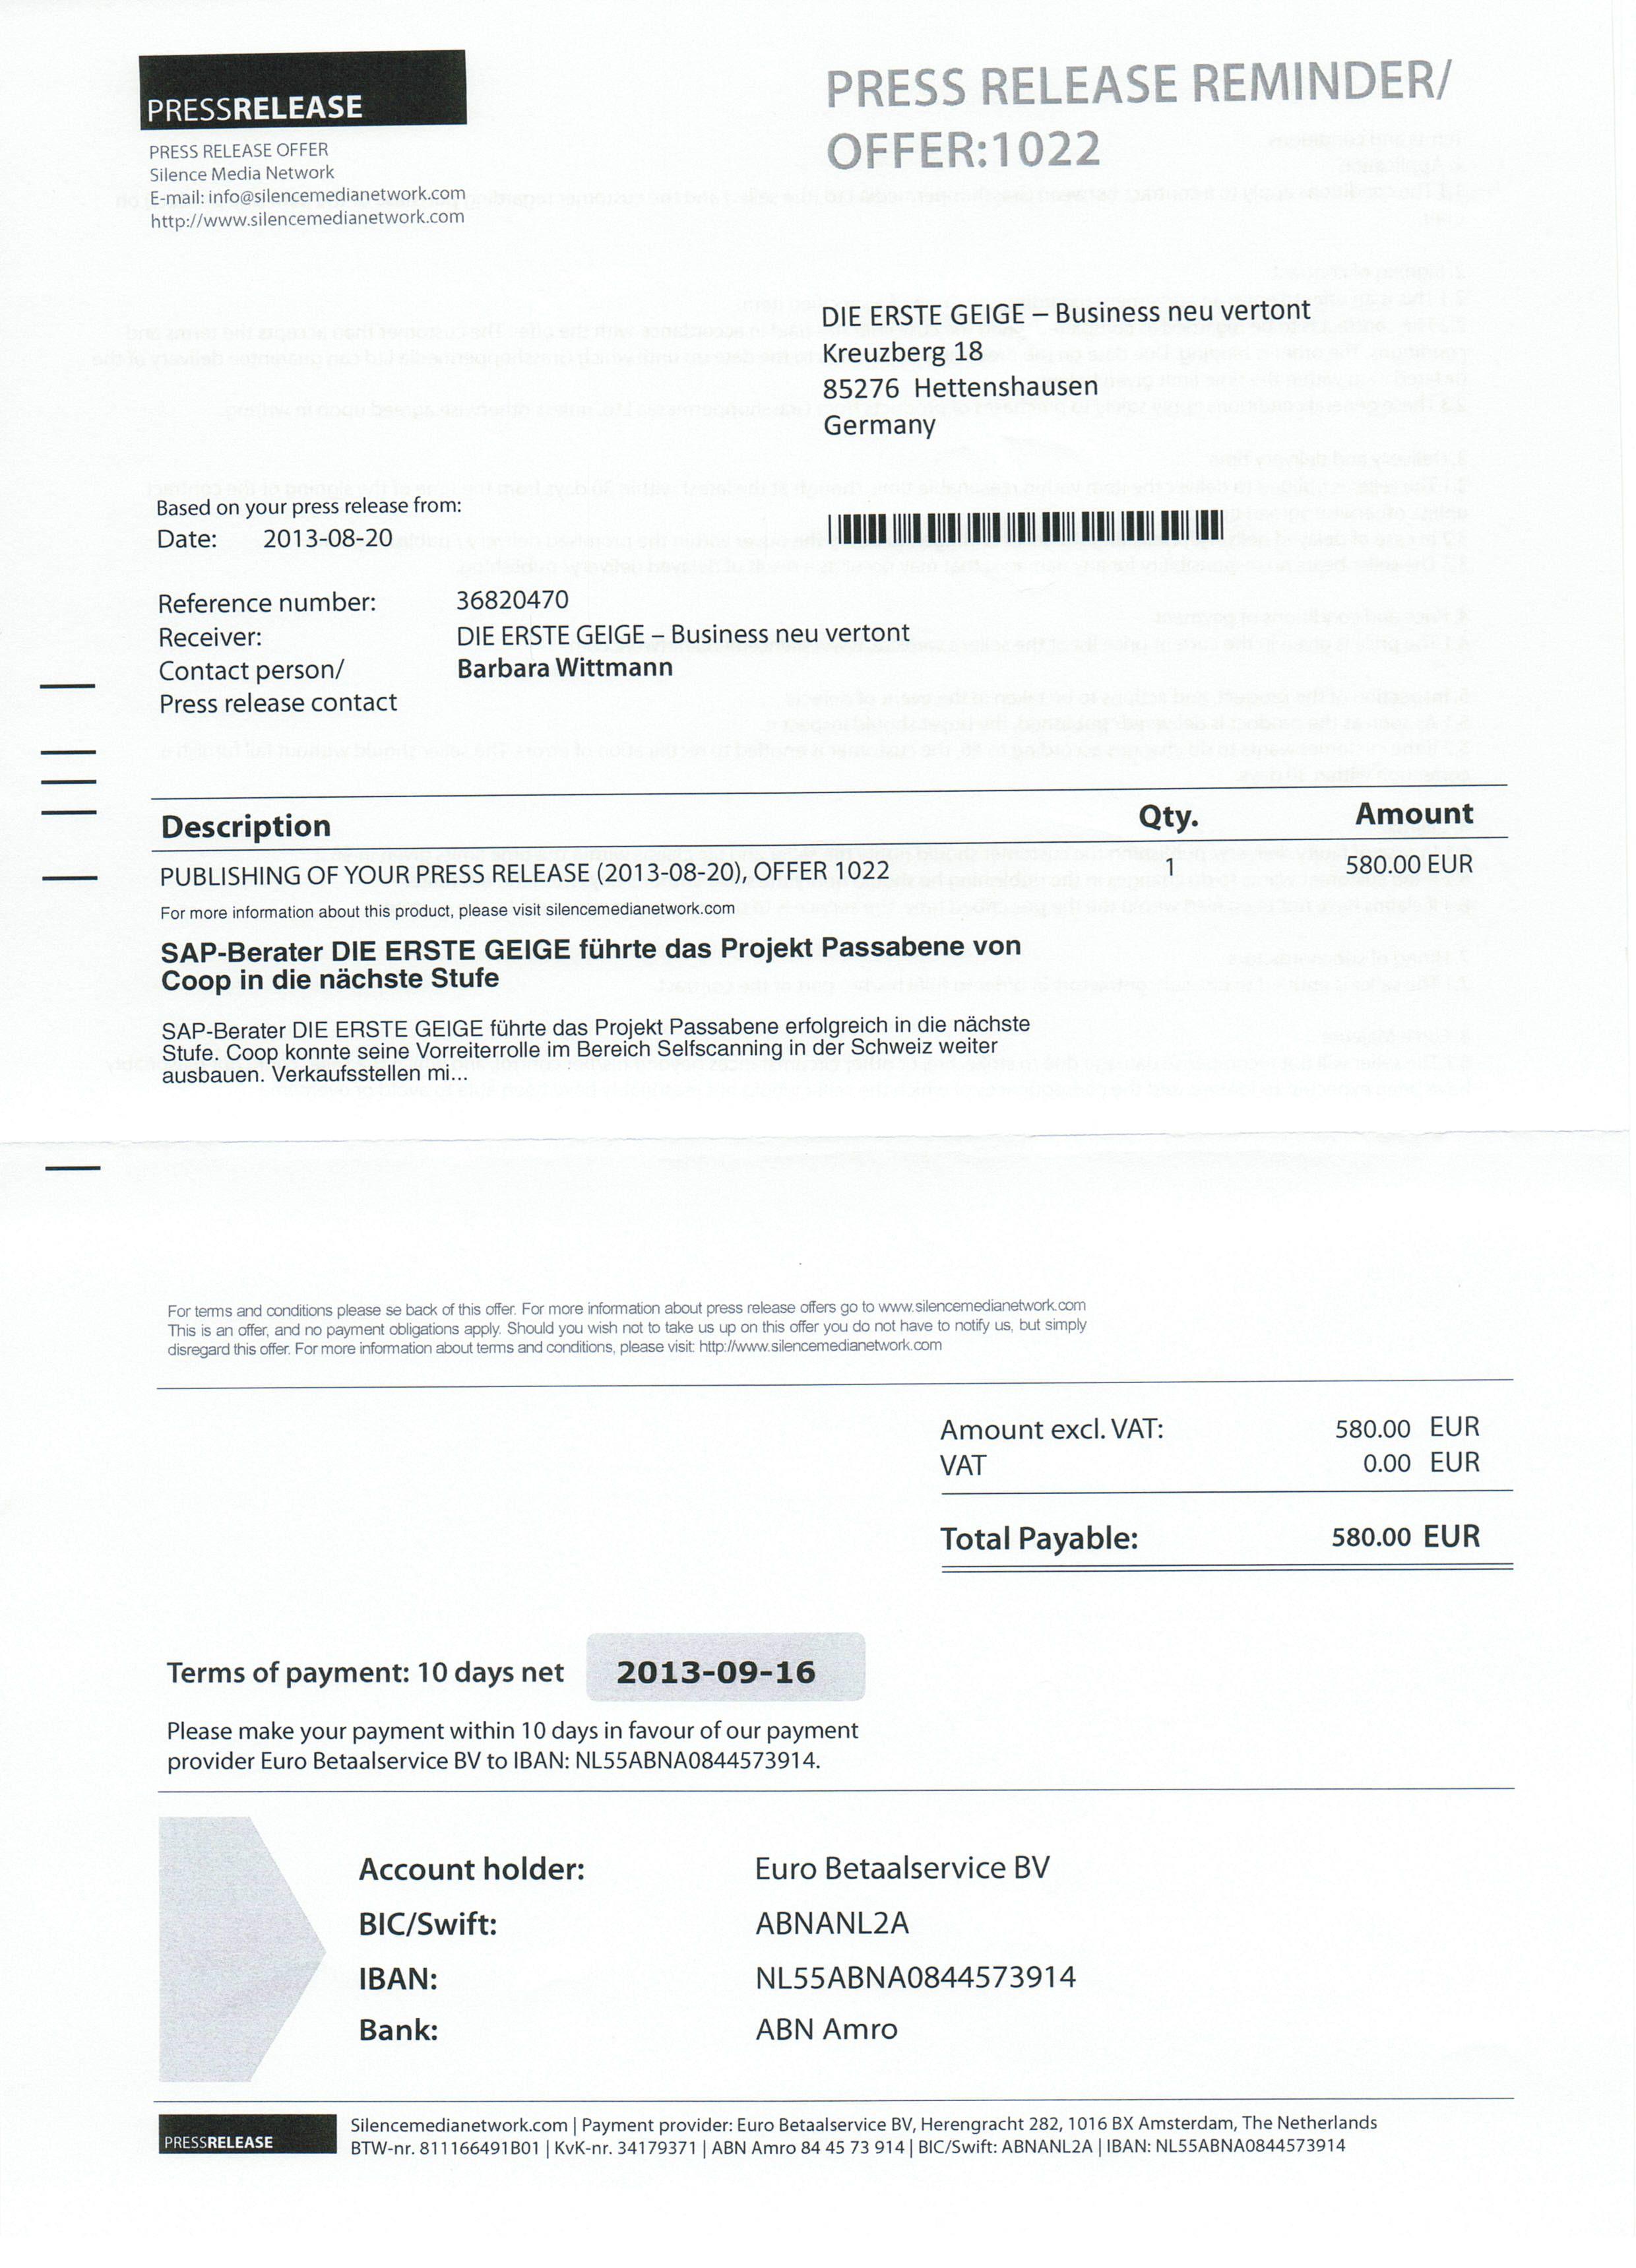 Fake-Rechnung an Agenturkunden